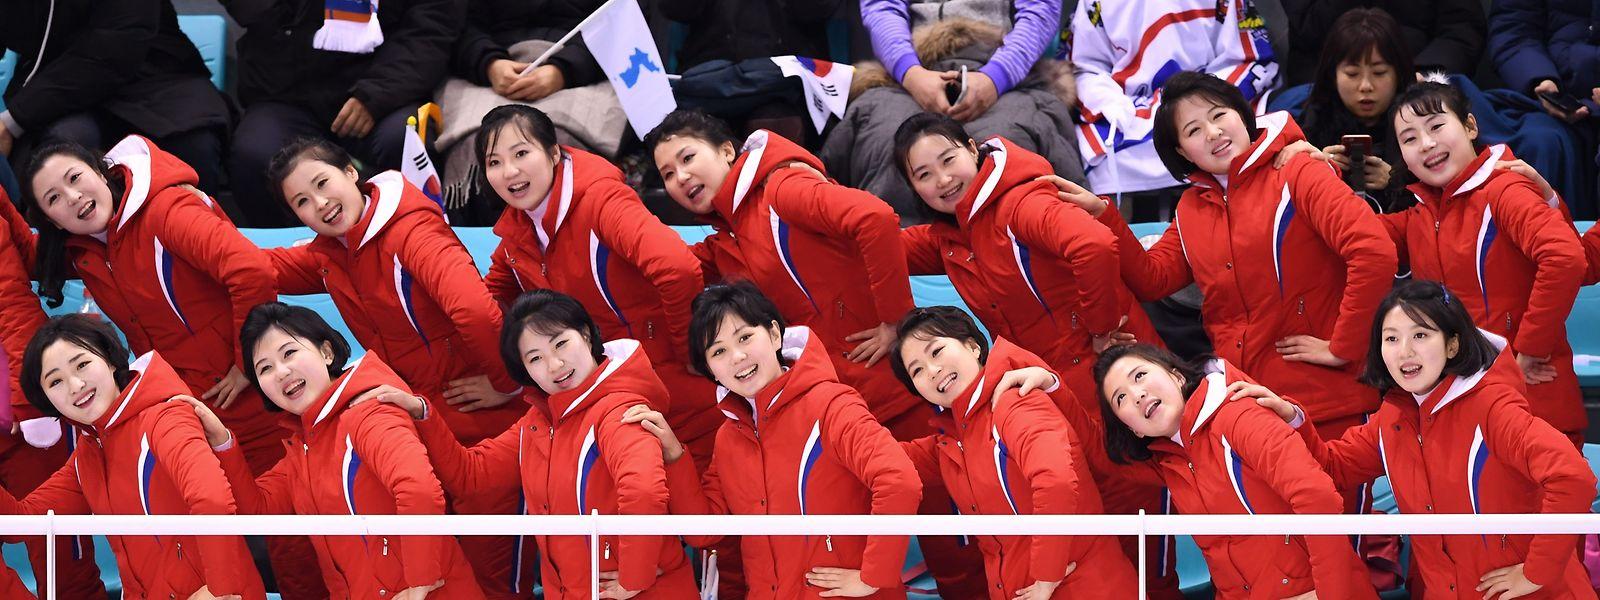 Die Cheerleaderinnen führen Choreografien auf, die man in der westlichen Welt so nur selten sieht.